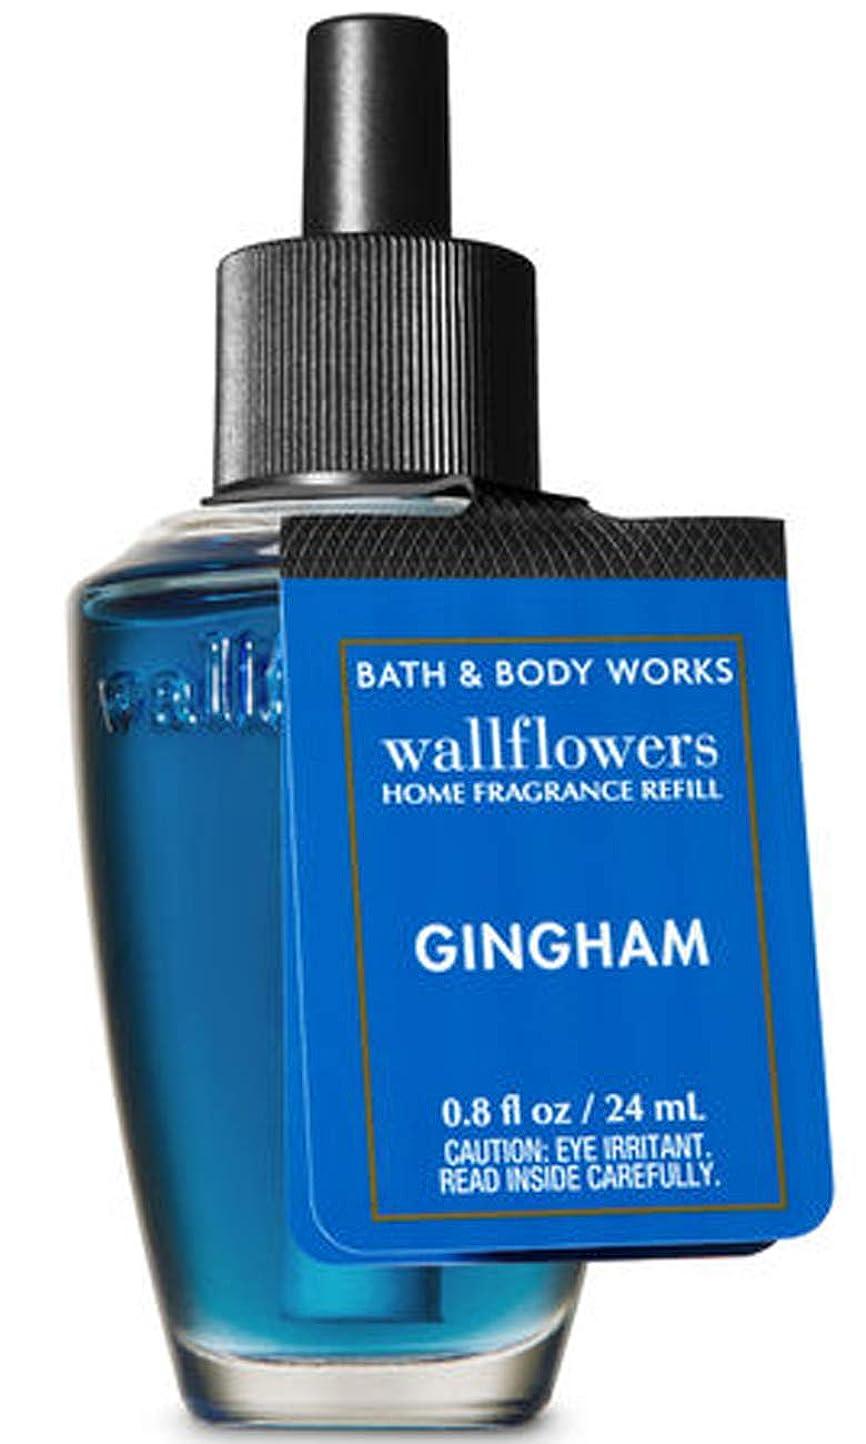 シャーク捨てる相反するバス&ボディワークス ギンガム ルームフレグランス リフィル 芳香剤 24ml (本体別売り) Bath & Body Works